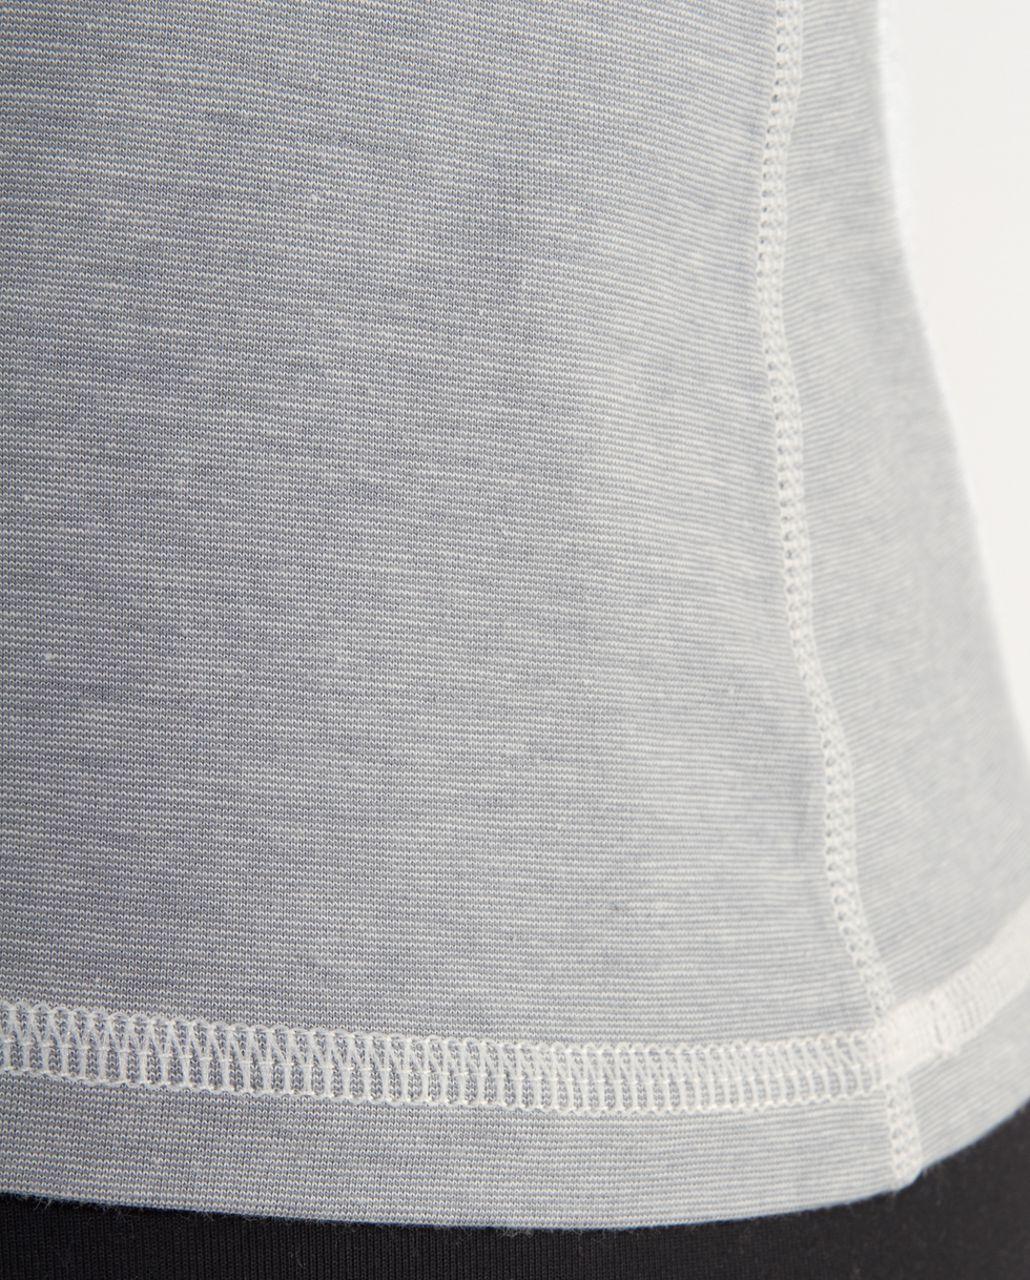 Lululemon Lively Crewneck Tee *Vitasea - Ghost Blurred Grey Mini Stripe